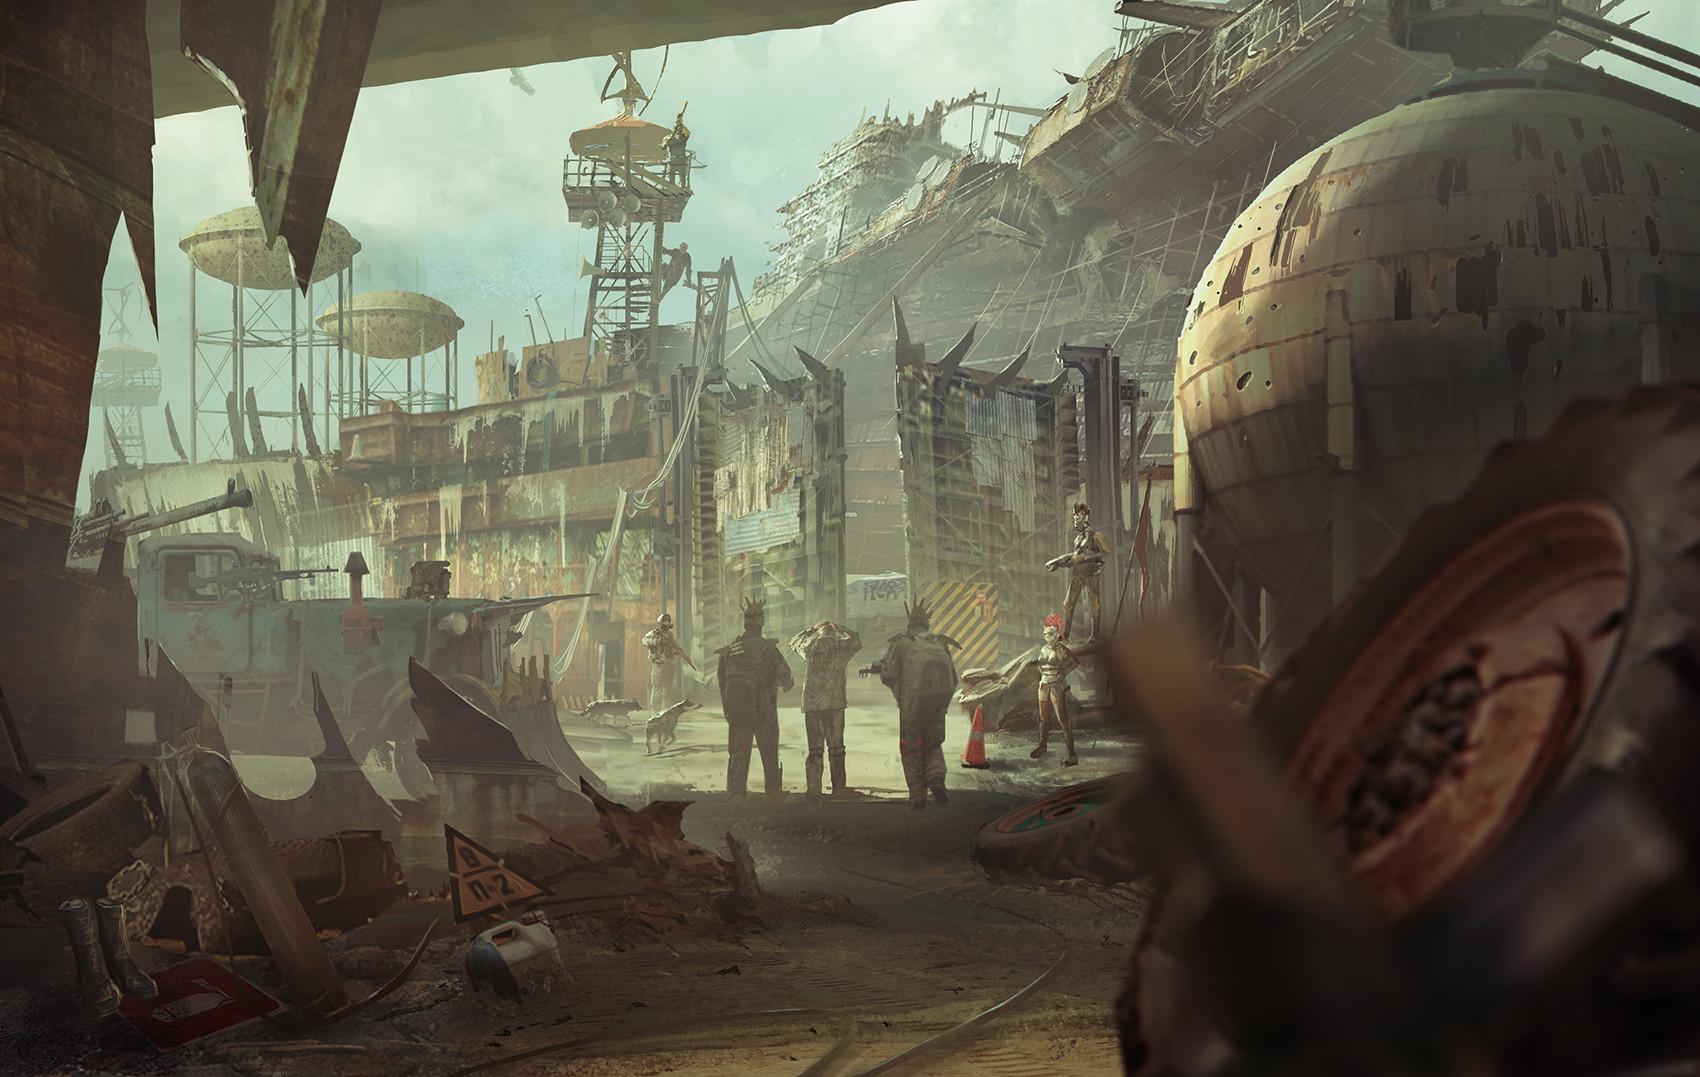 Chen liang apocalypse